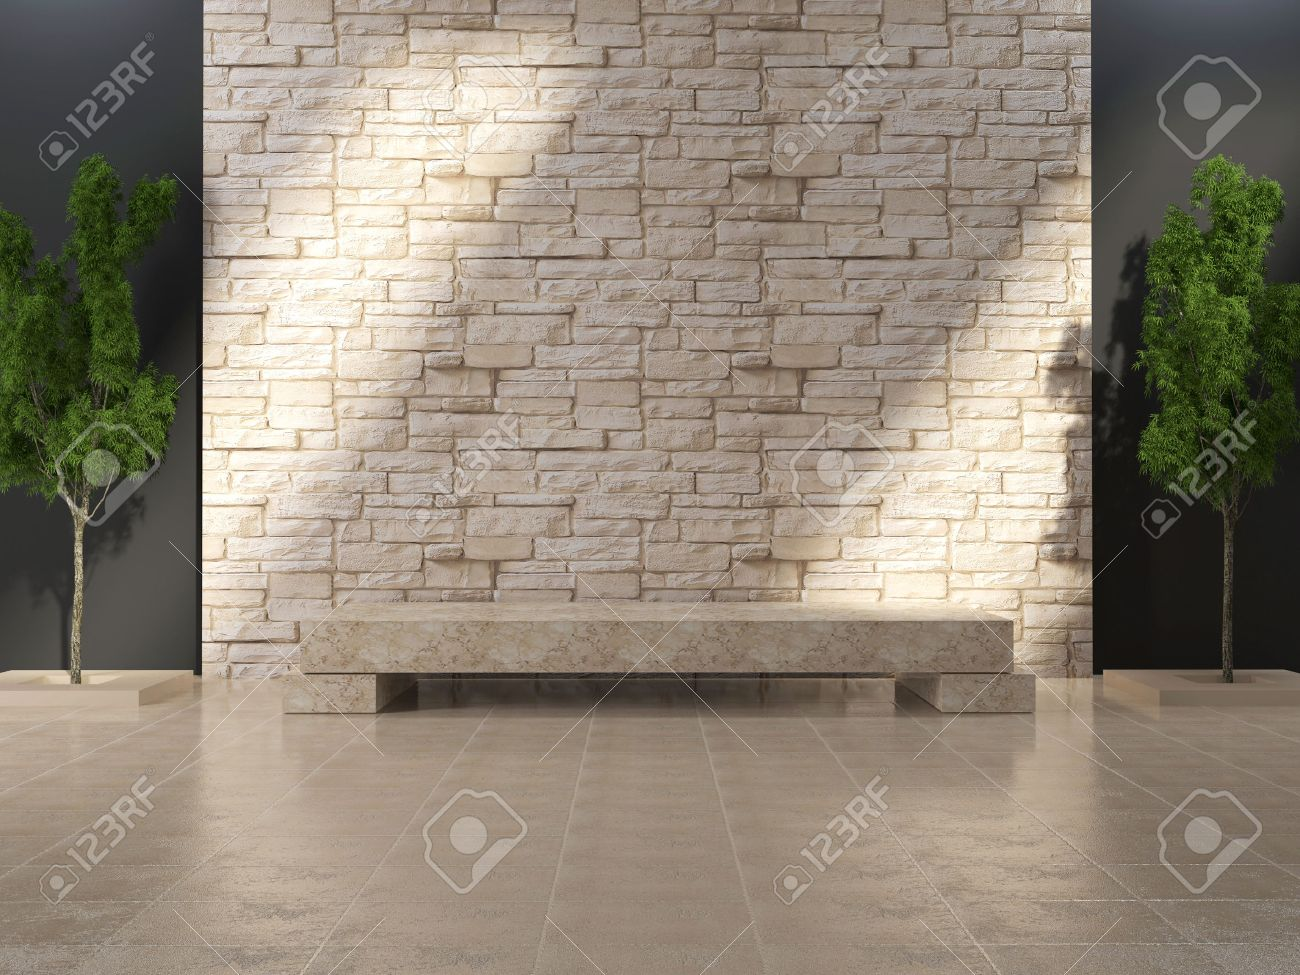 Mur En Pierre Interieur Beige grunge intérieur moderne avec banc de marbre et le mur de pierre.